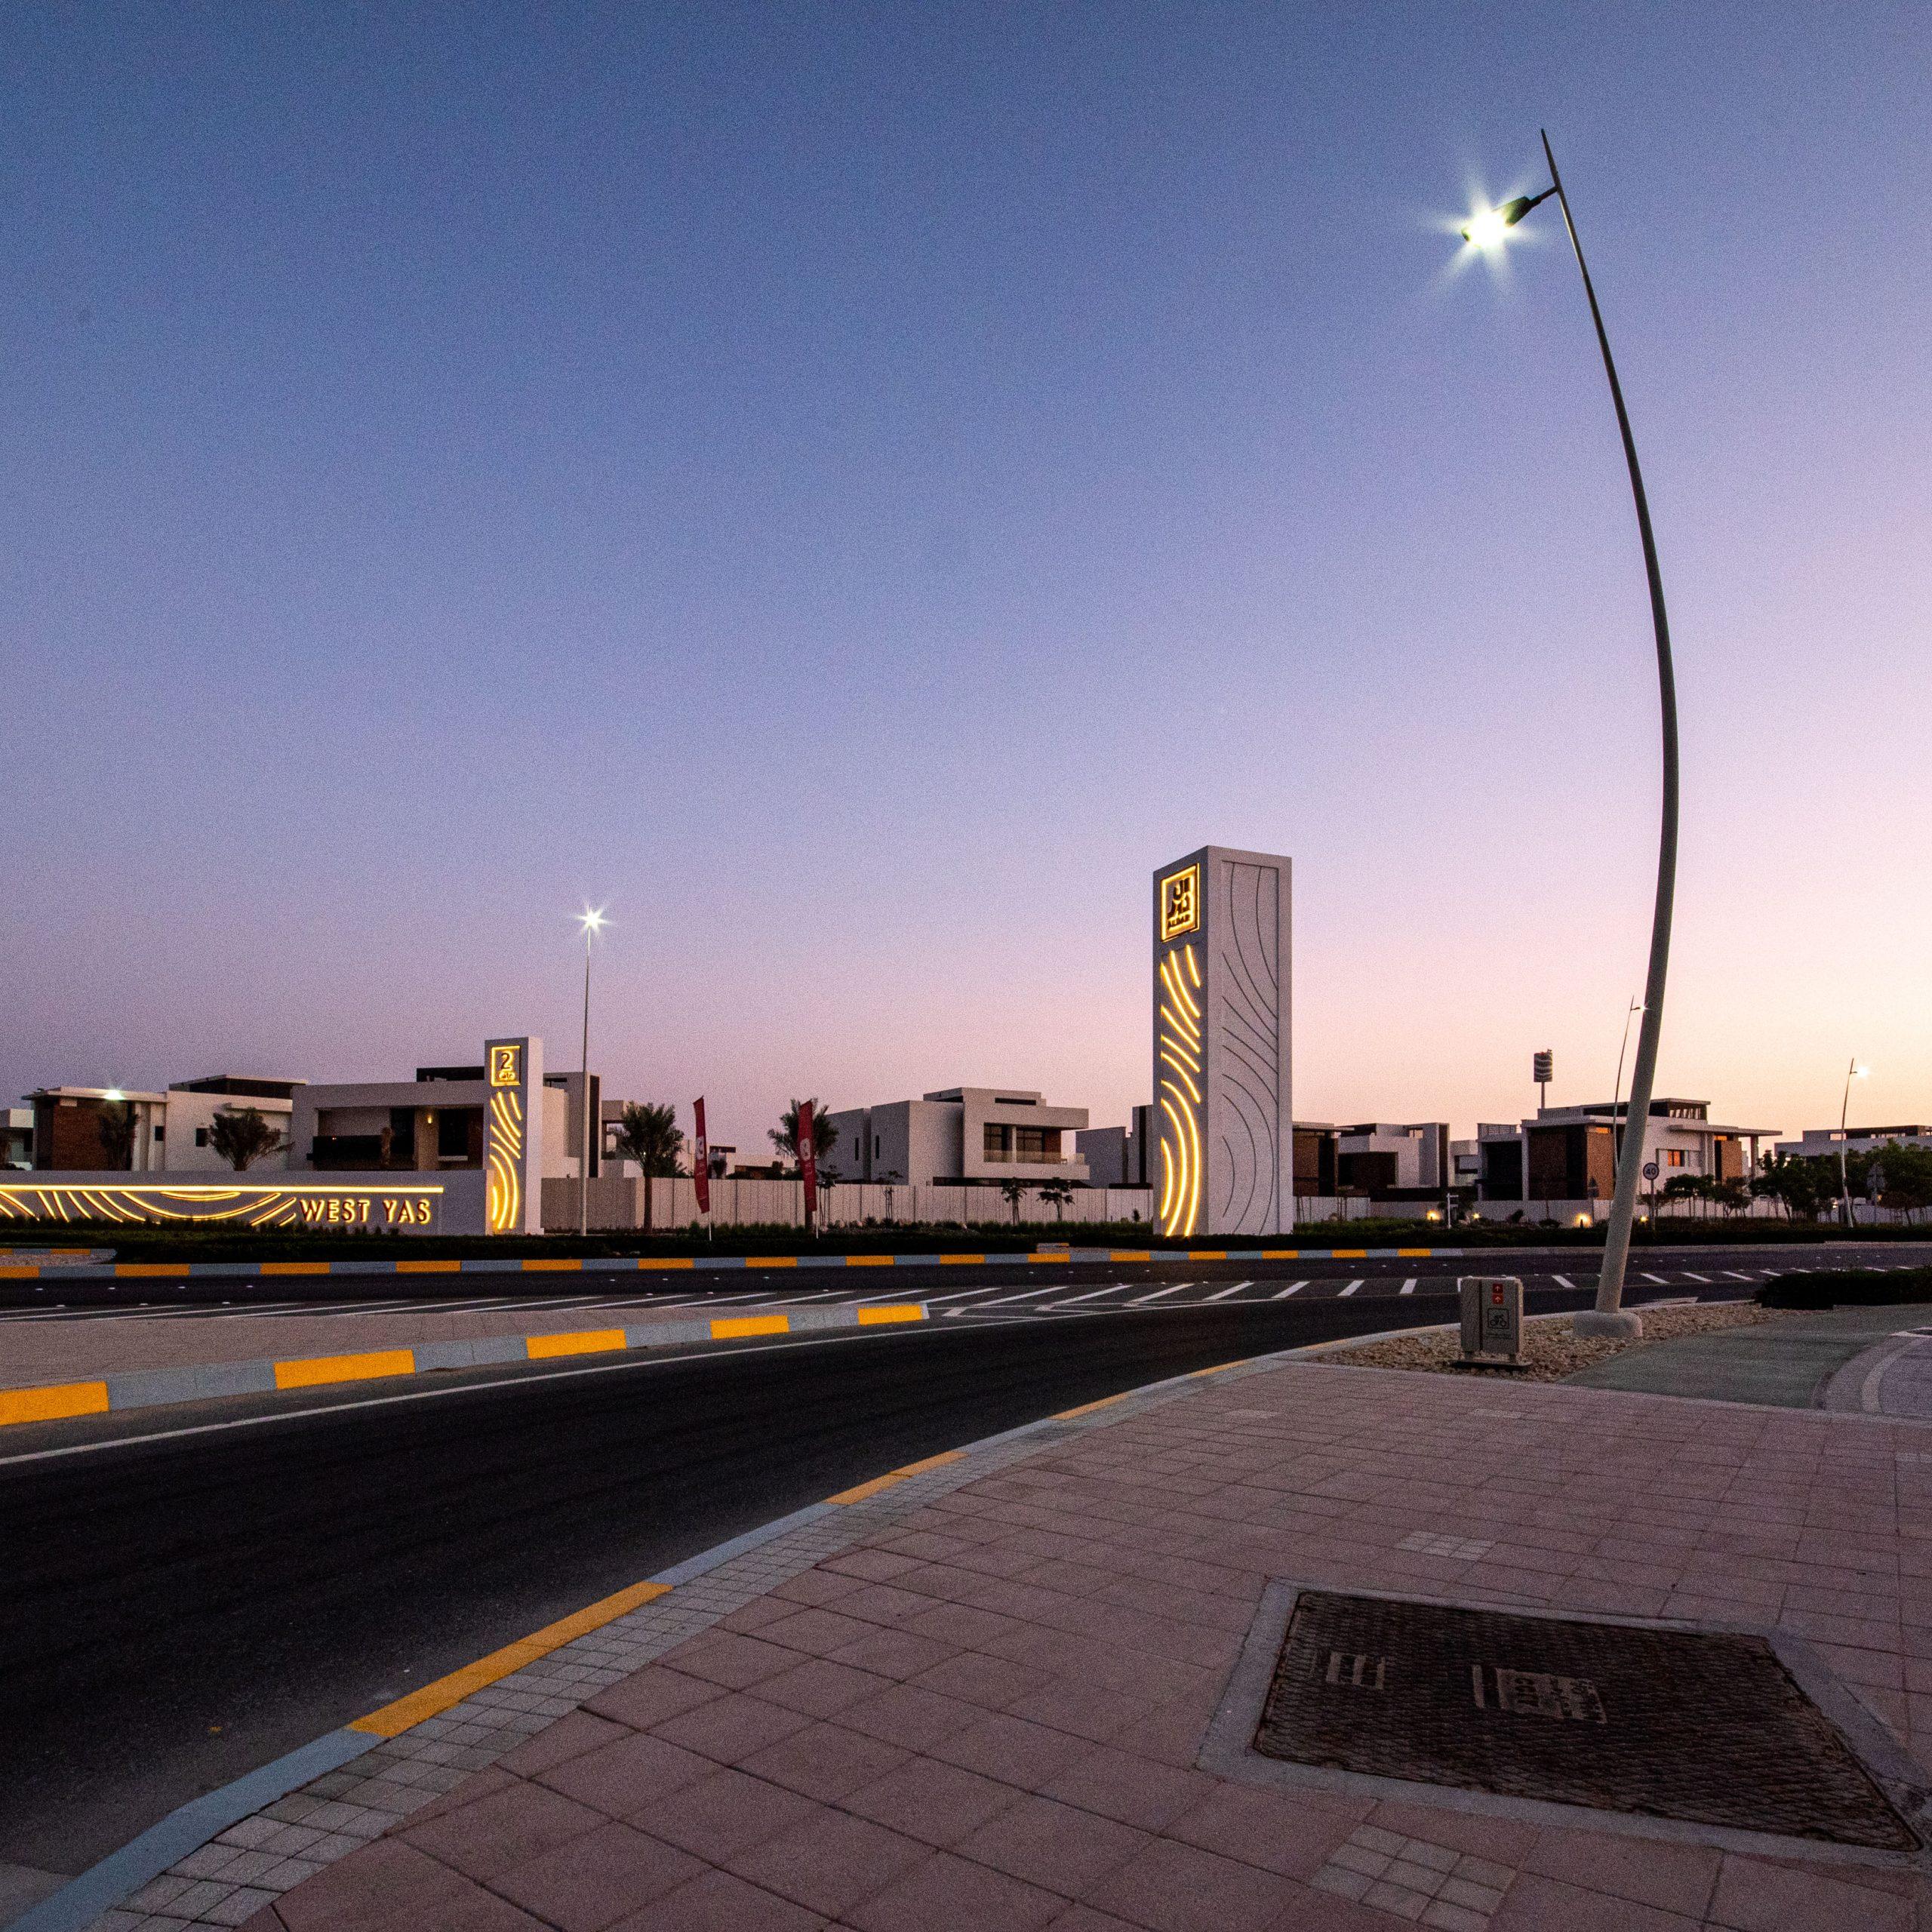 West Yas – Abu Dhabi, UAE